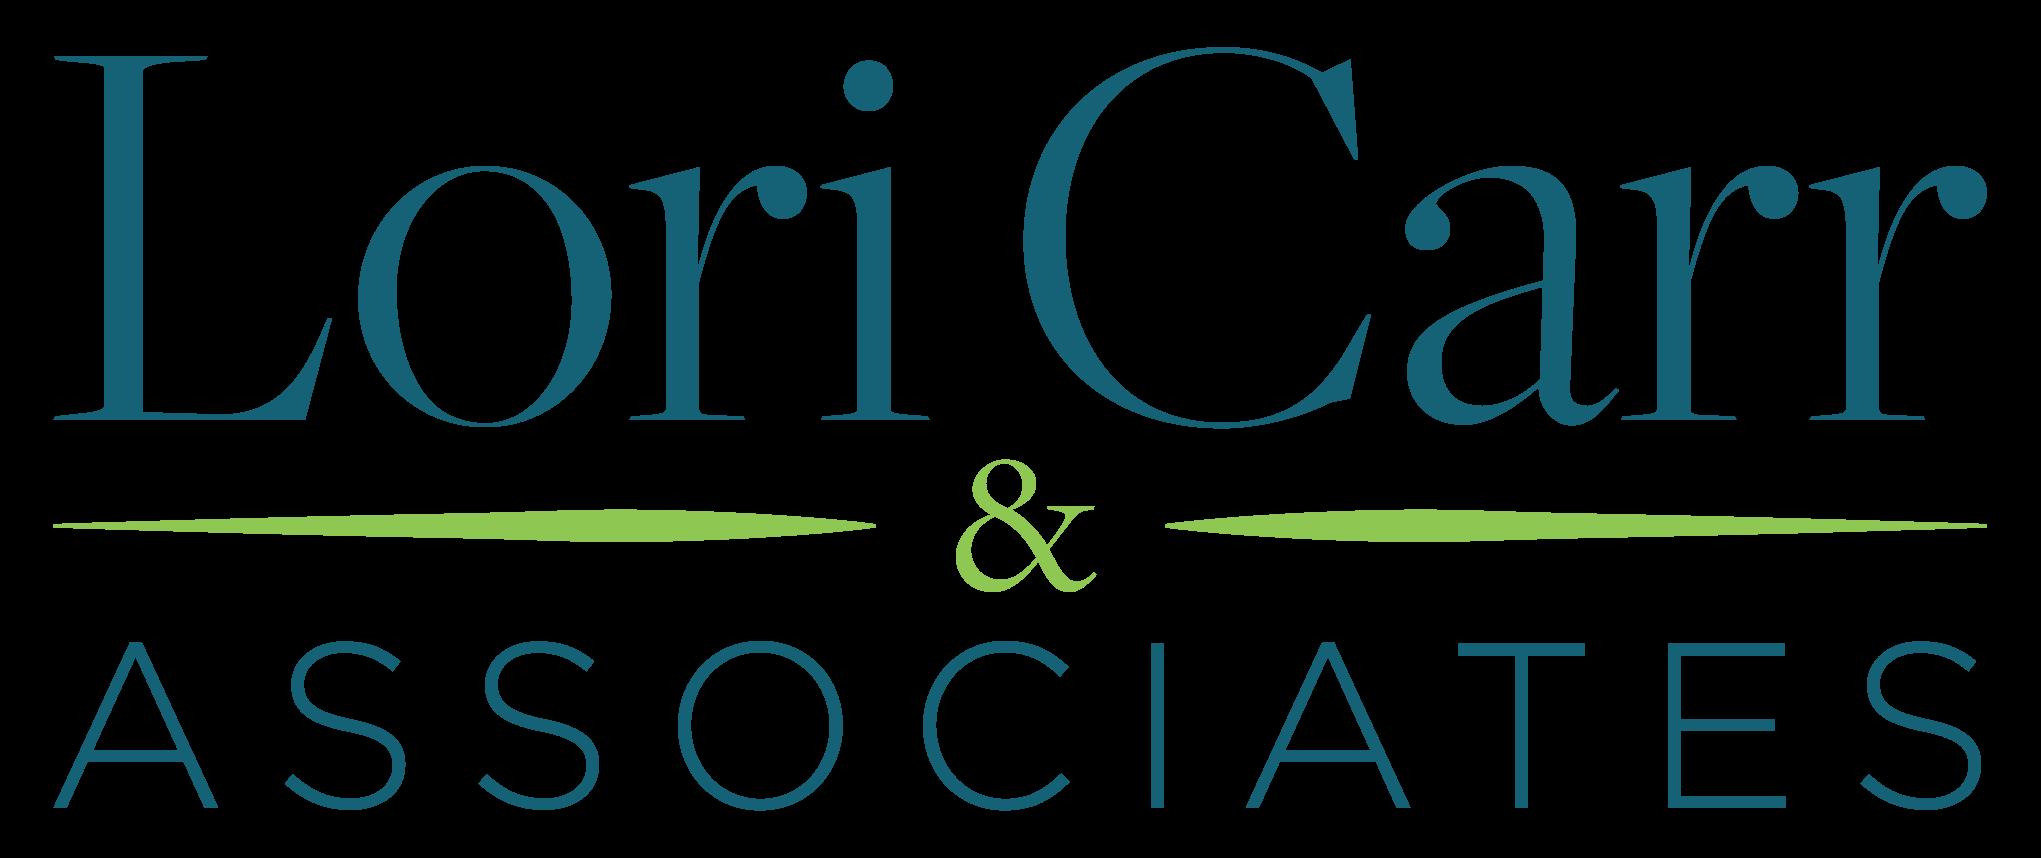 Lori Carr & Associates